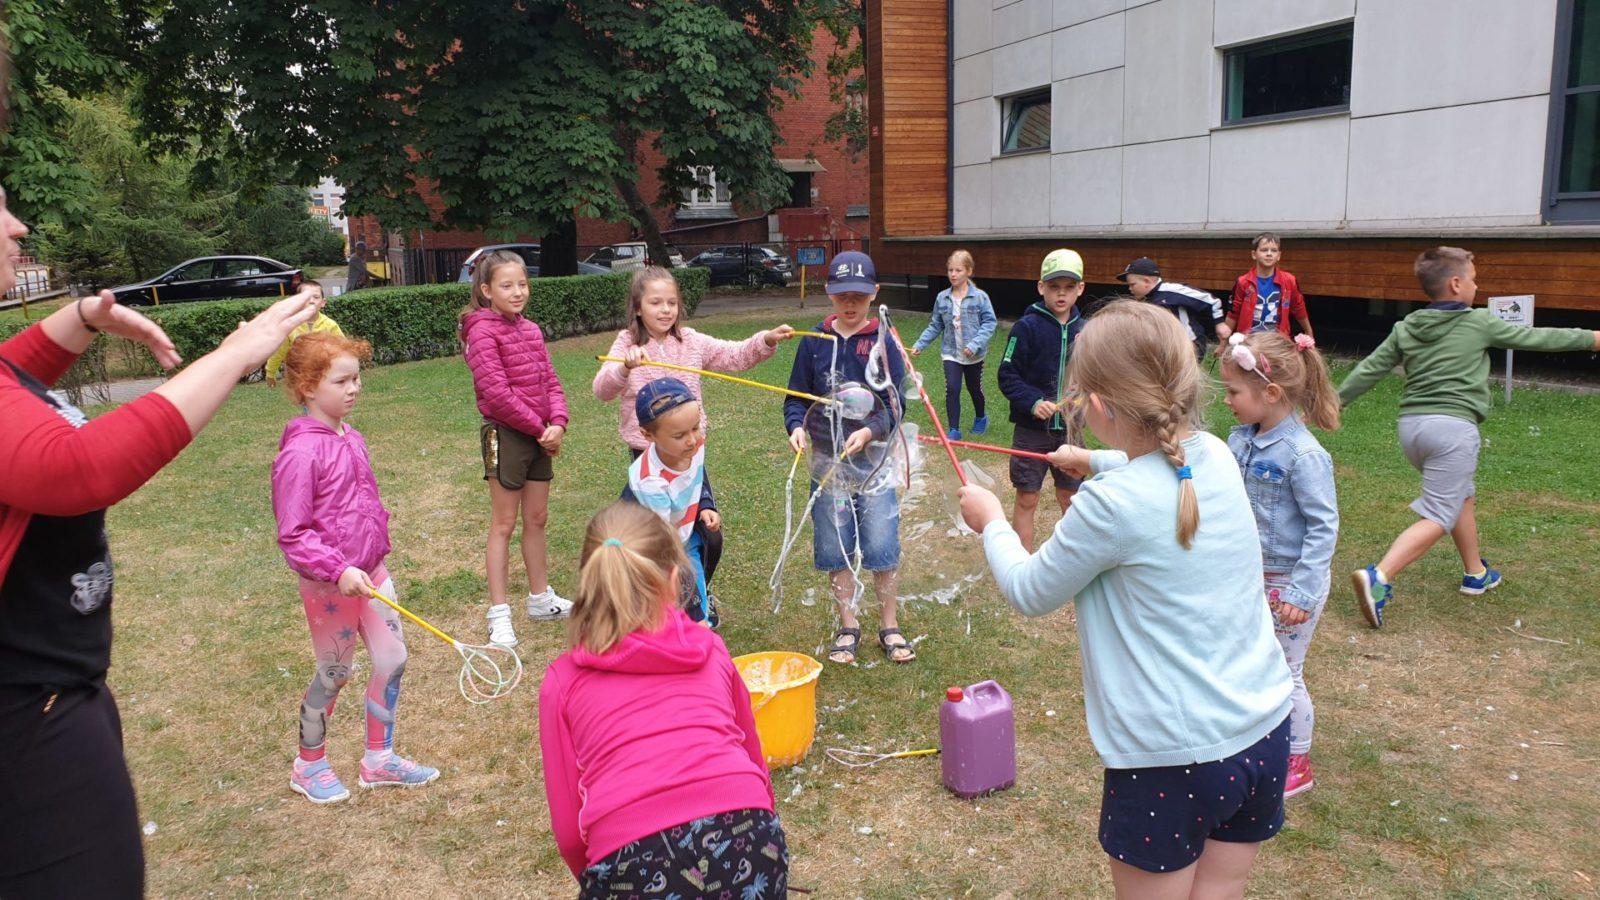 TCK zaprasza na Czwartkowe Psoty - zdjęcie bawiących się dzieci